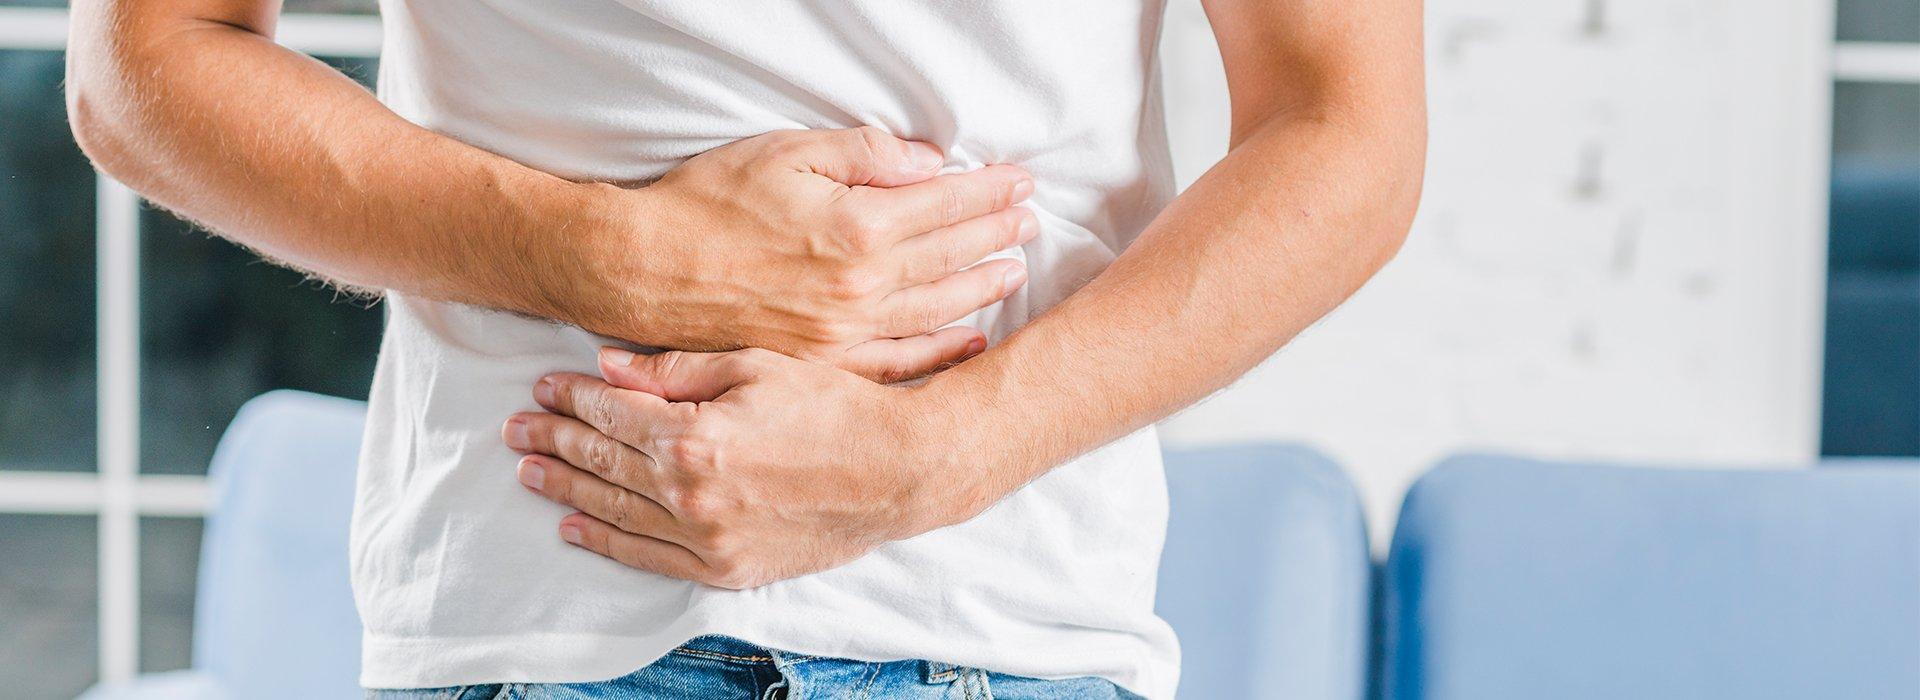 Obstipação – sintomas, causas e tratamento